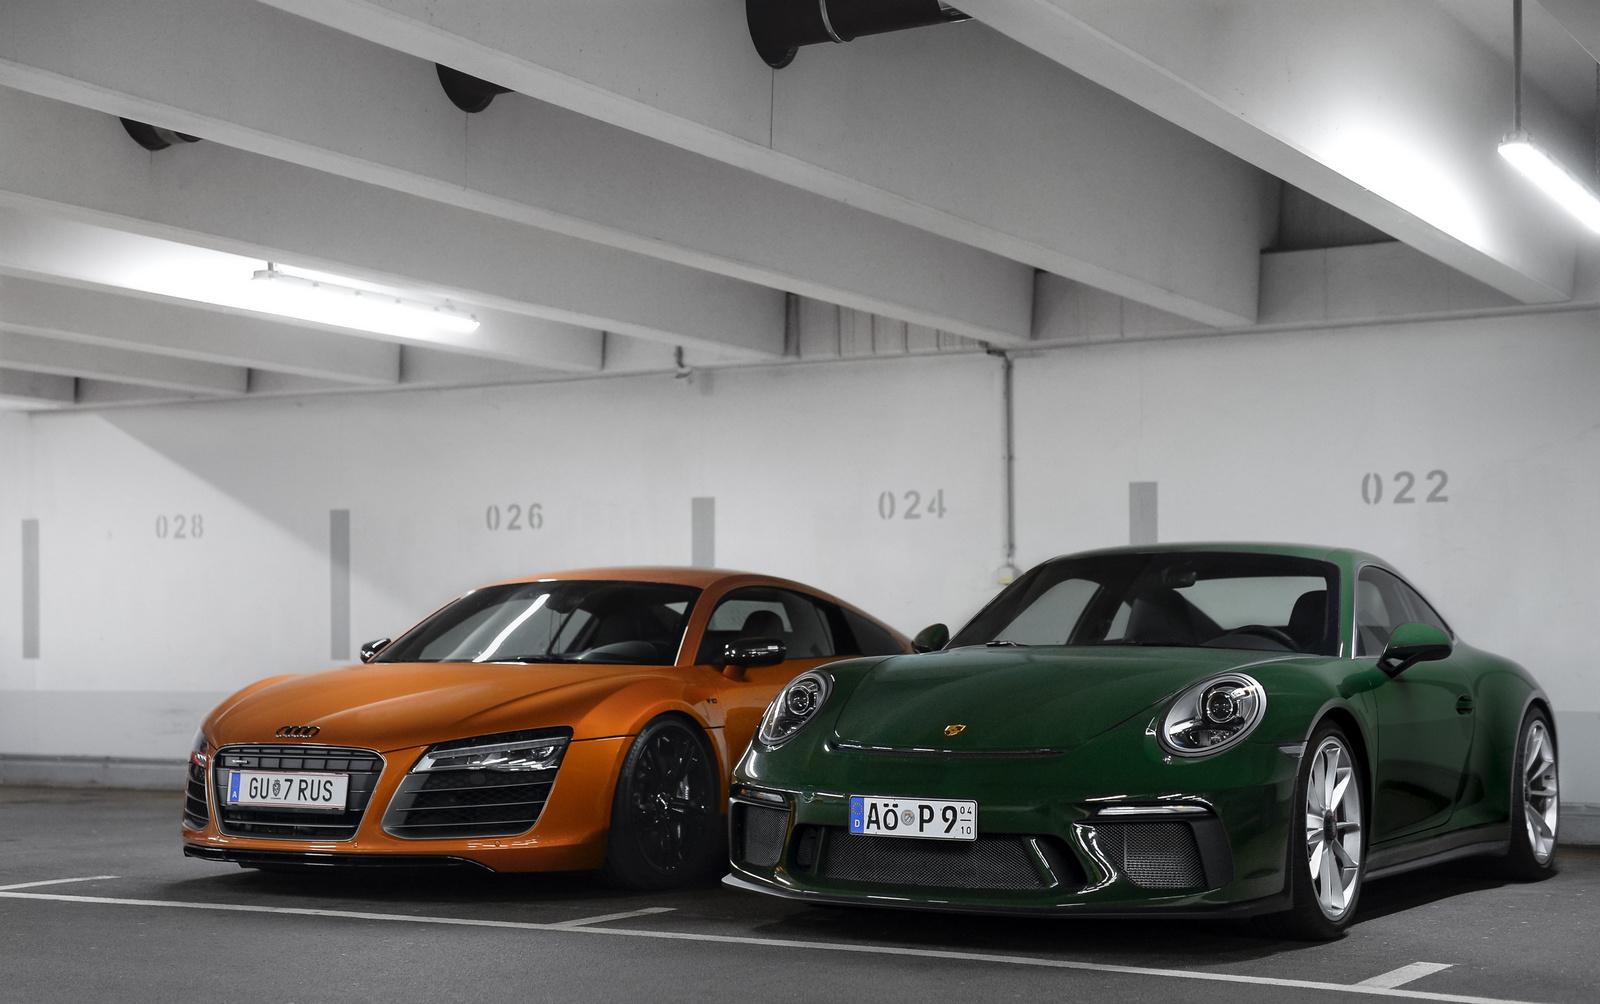 Audi R8 V10 - Porsche 911 GT3 Touring